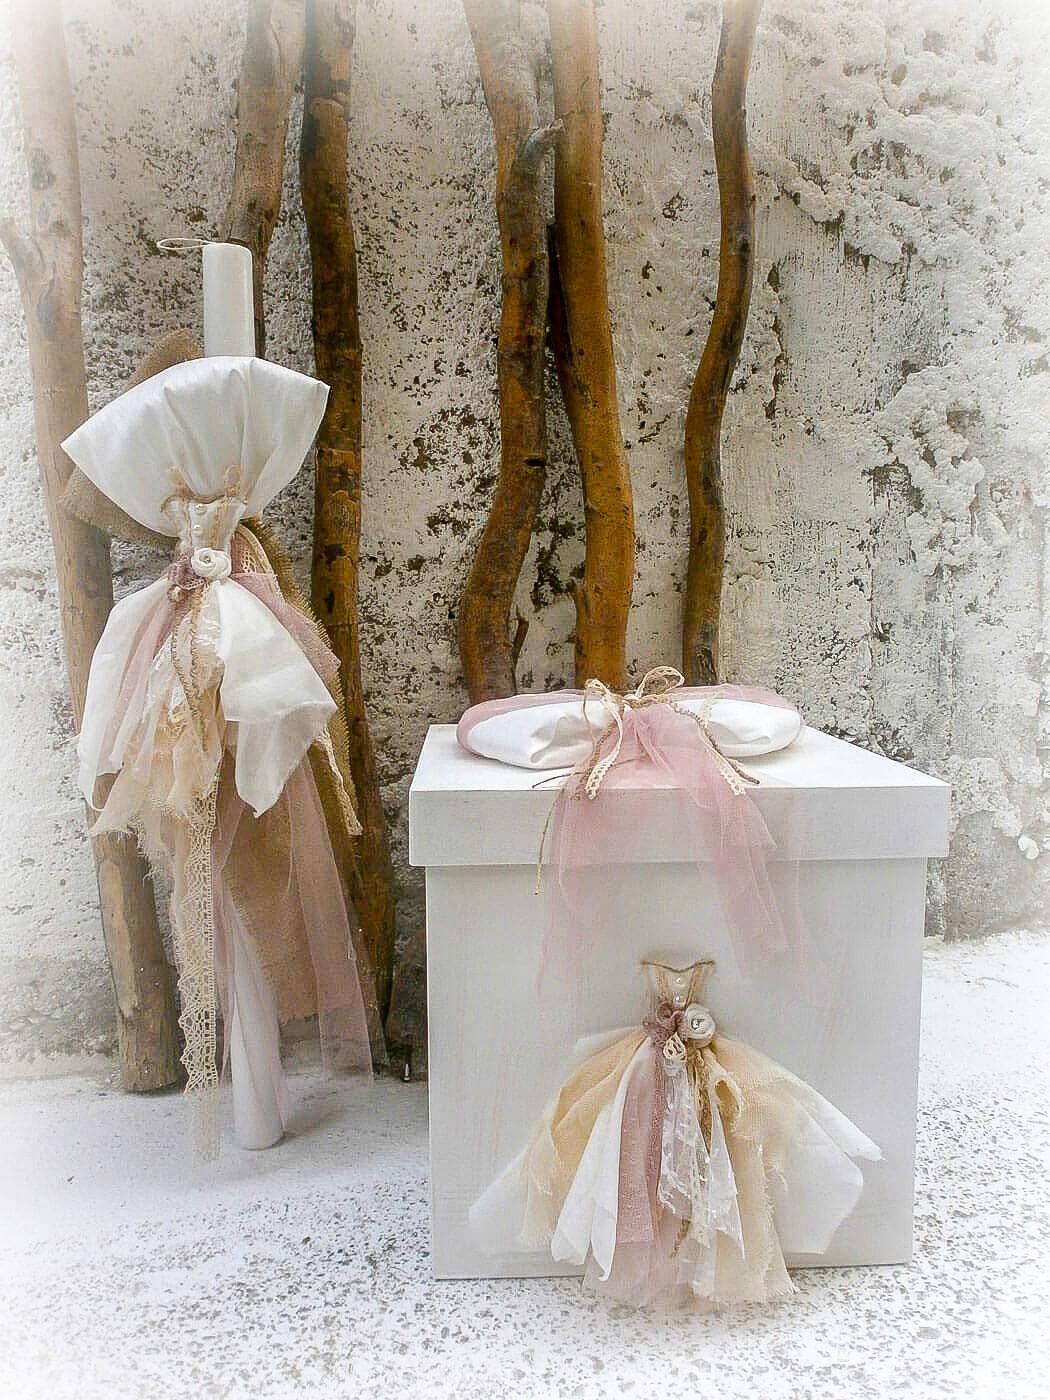 Χειροποίητο σετ βάπτισης Vintage dress που αποτελείται από βαπτιστικό κουτί και λαμπάδα που είναι διακοσμημένα με δαντελωτό φόρεμα εποχής σε ροζ κουφετί και σομόν.